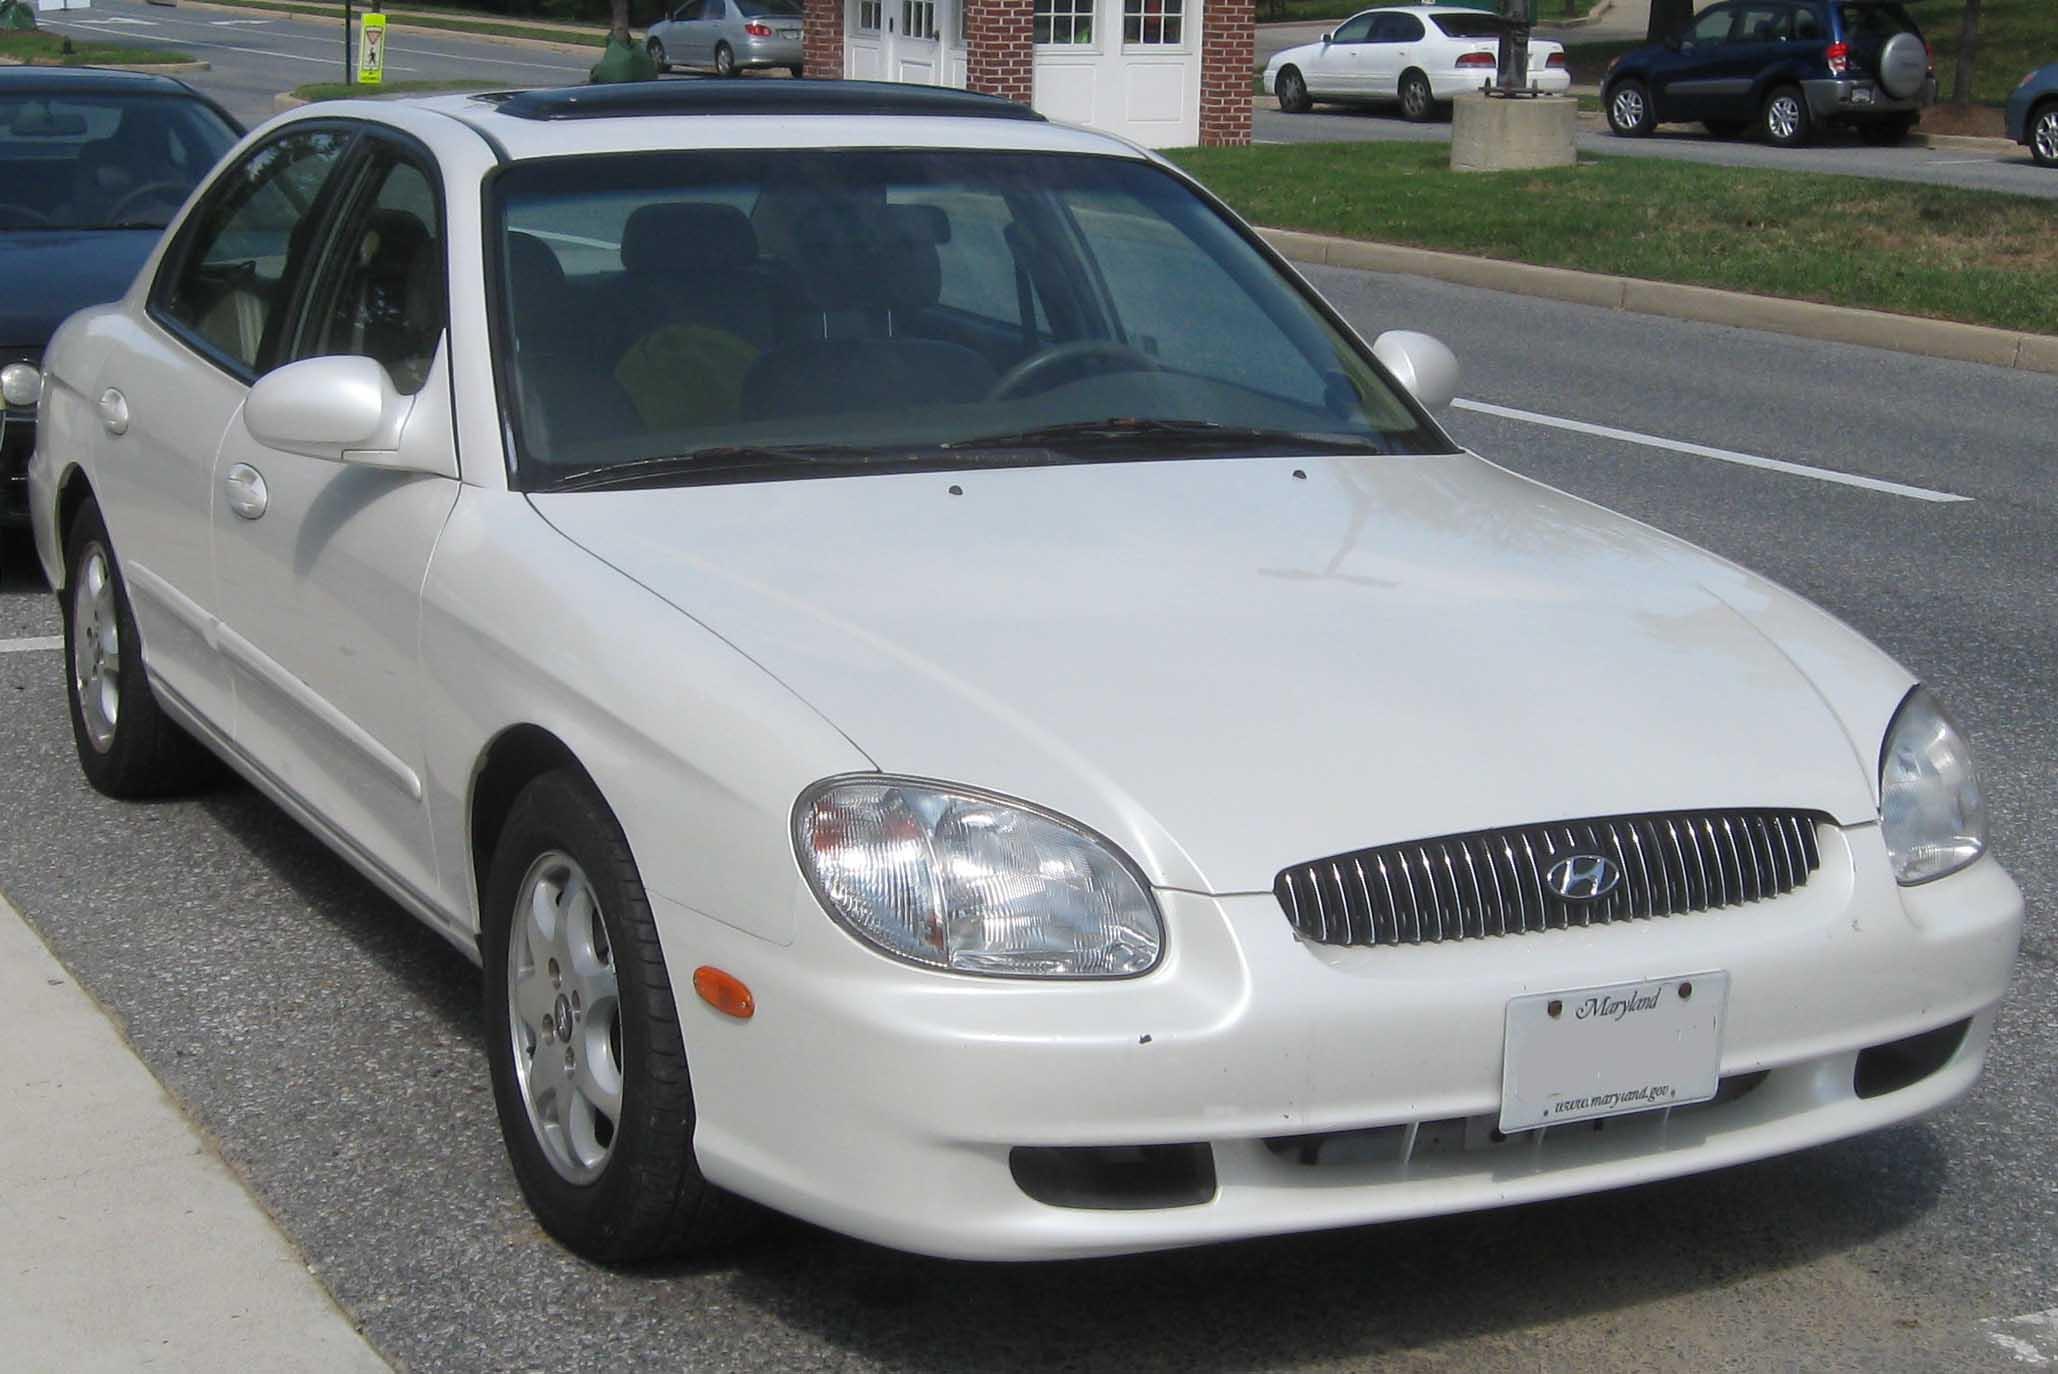 File:2001 Hyundai Sonata